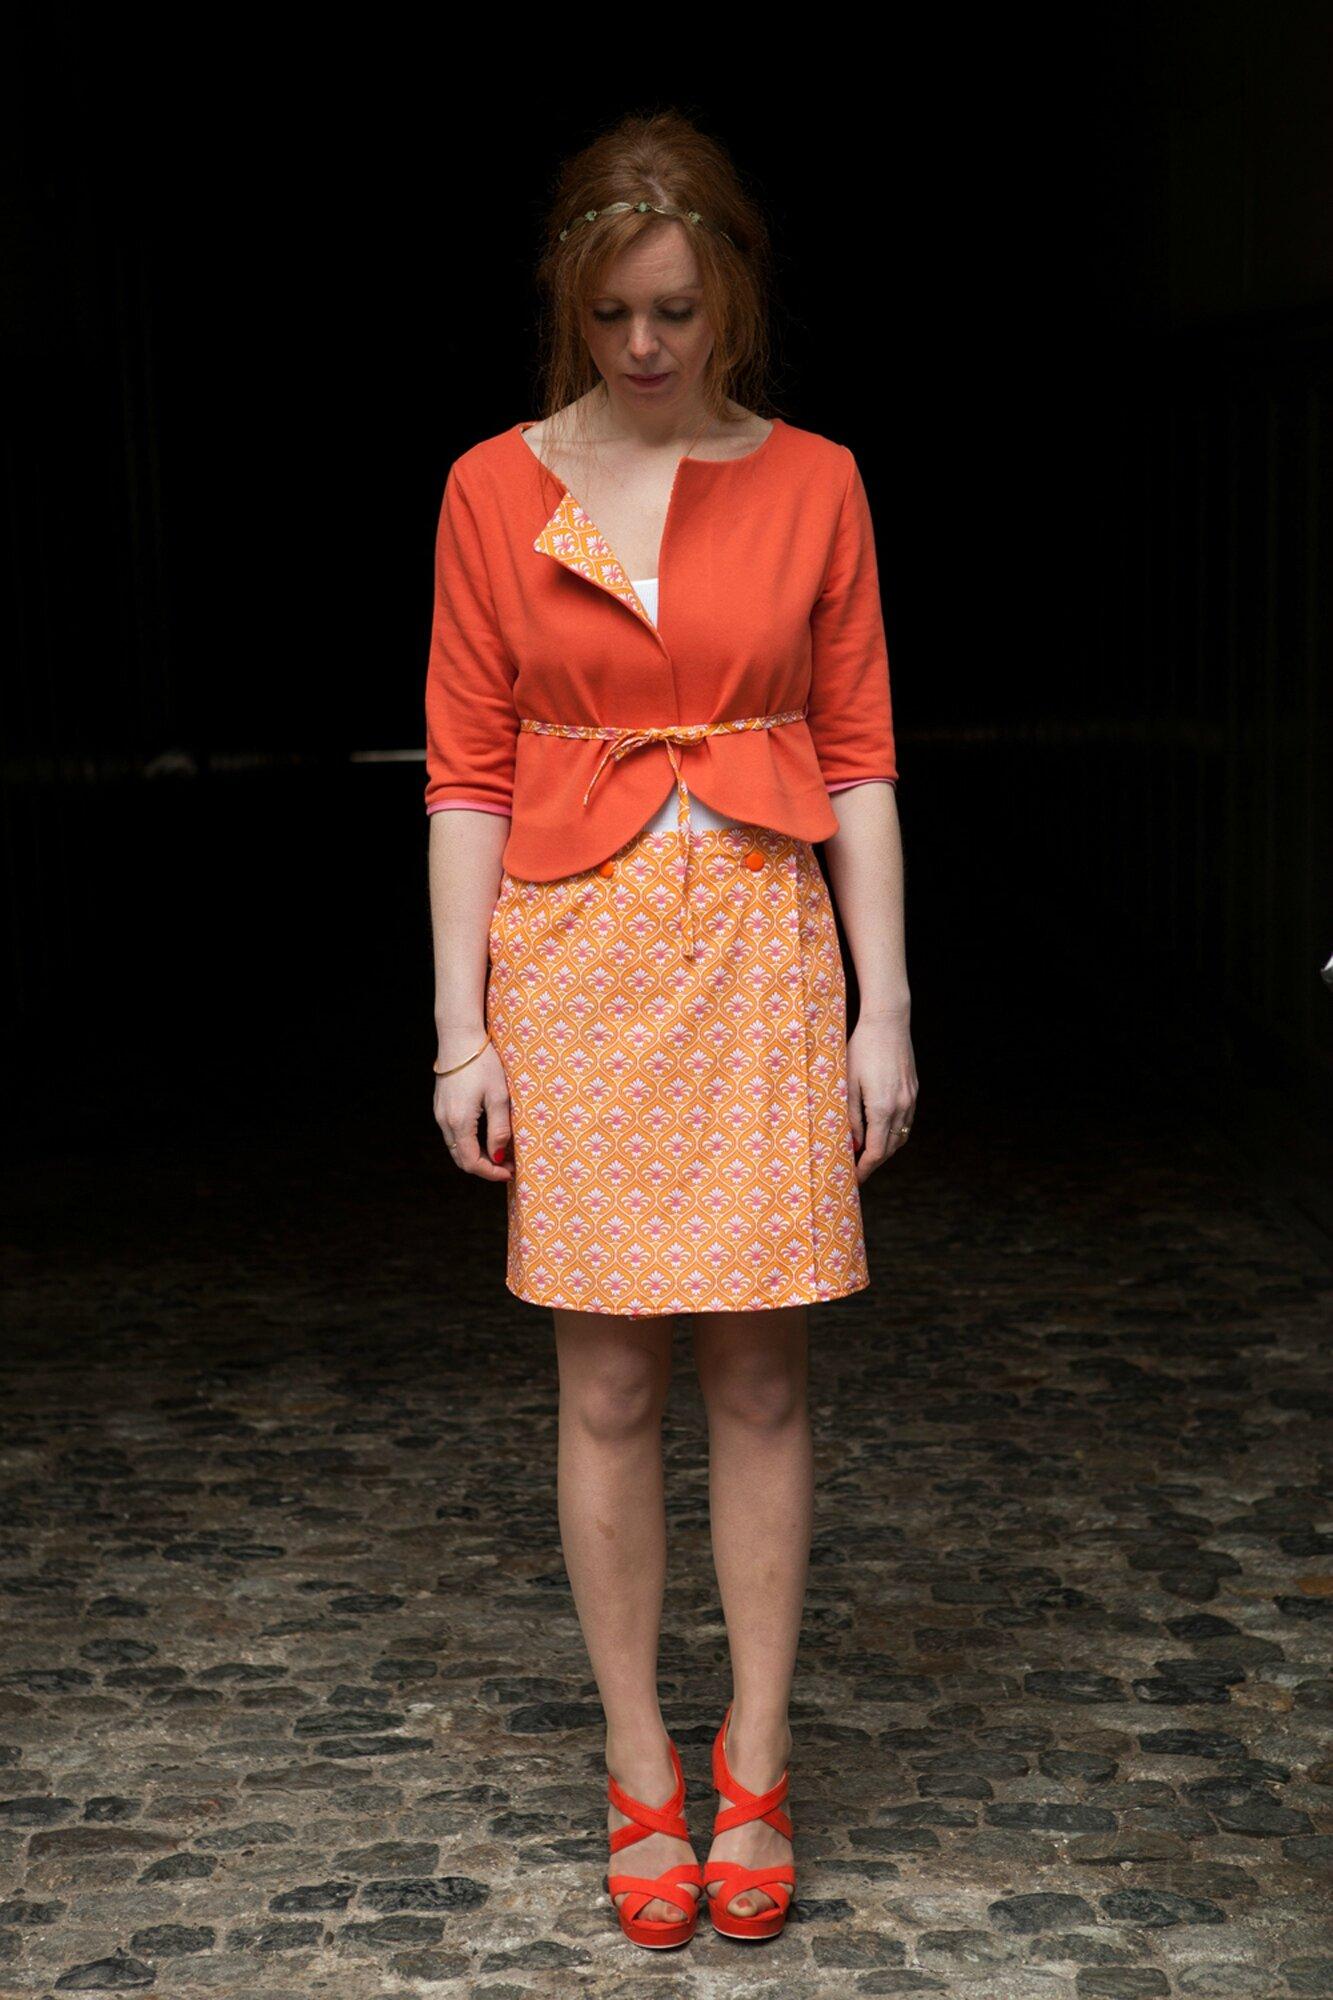 new authentic save up to 80% authorized site Ensemble chic et vintage jupe porte-feuille et veste - Photo ...